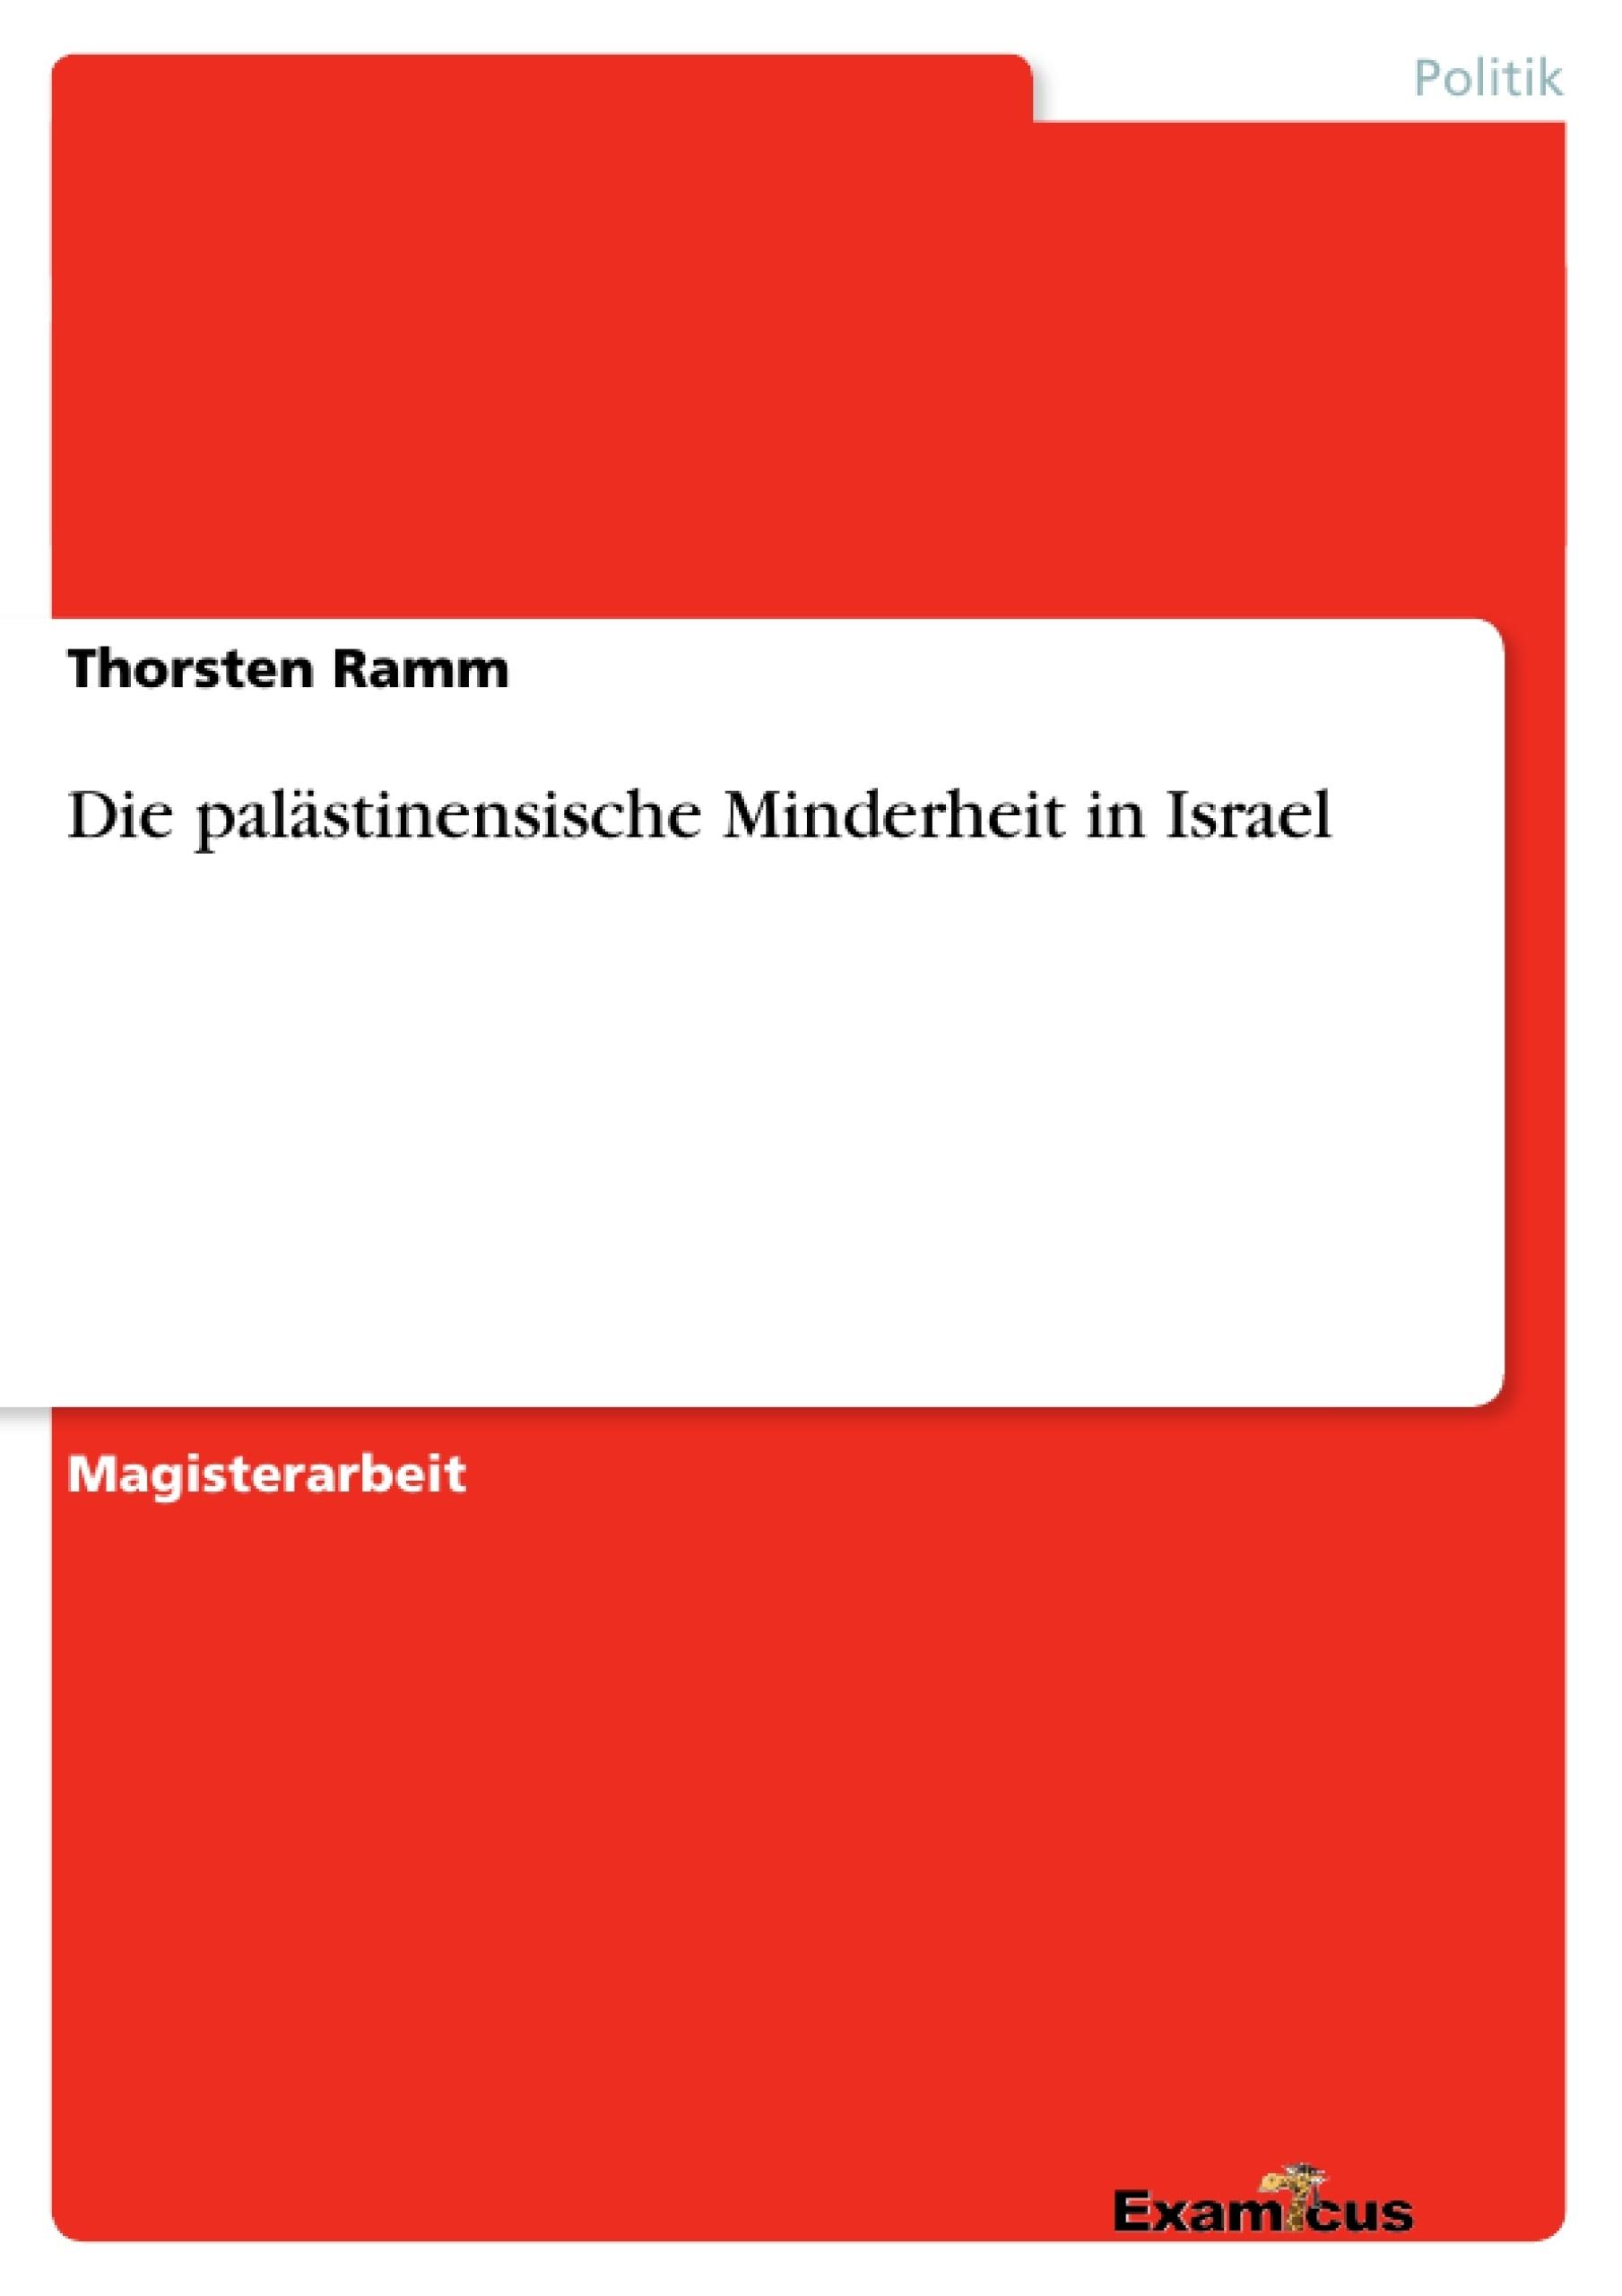 Titel: Die palästinensische Minderheit in Israel